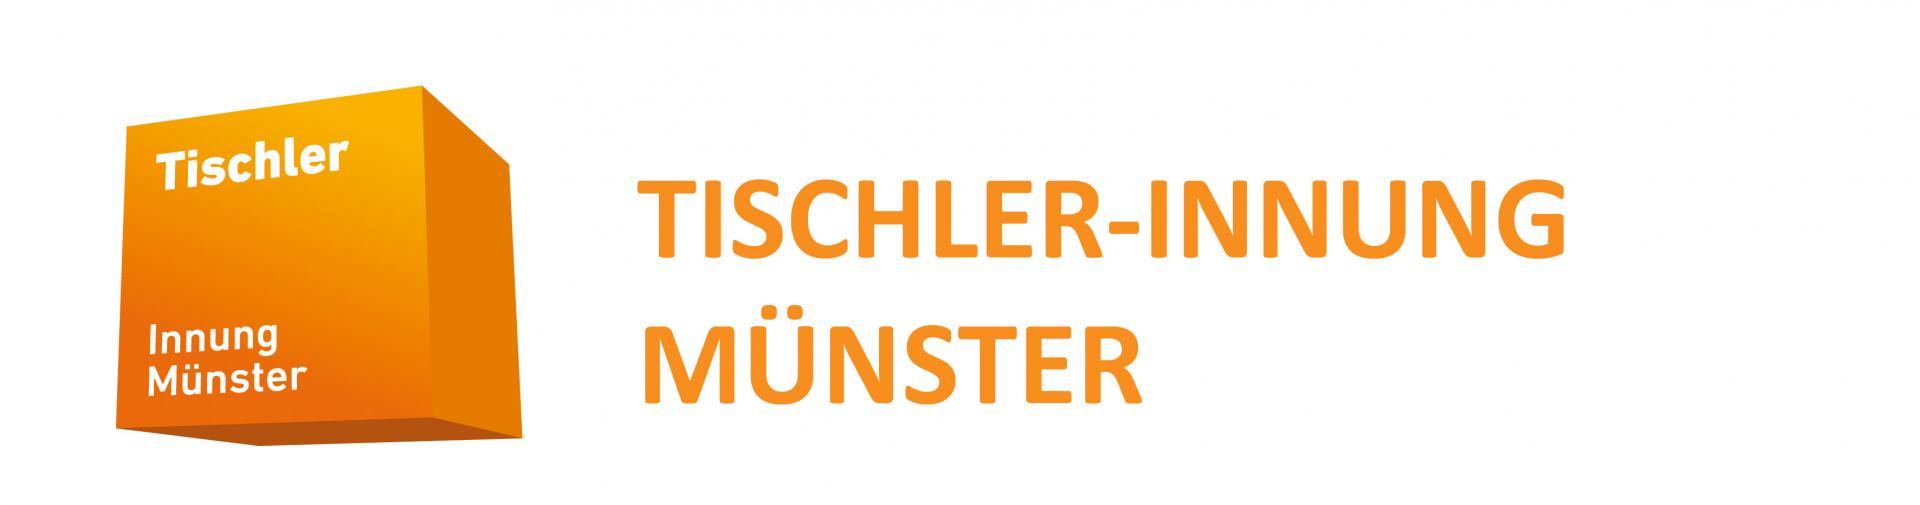 Tischler‐Innung Münster